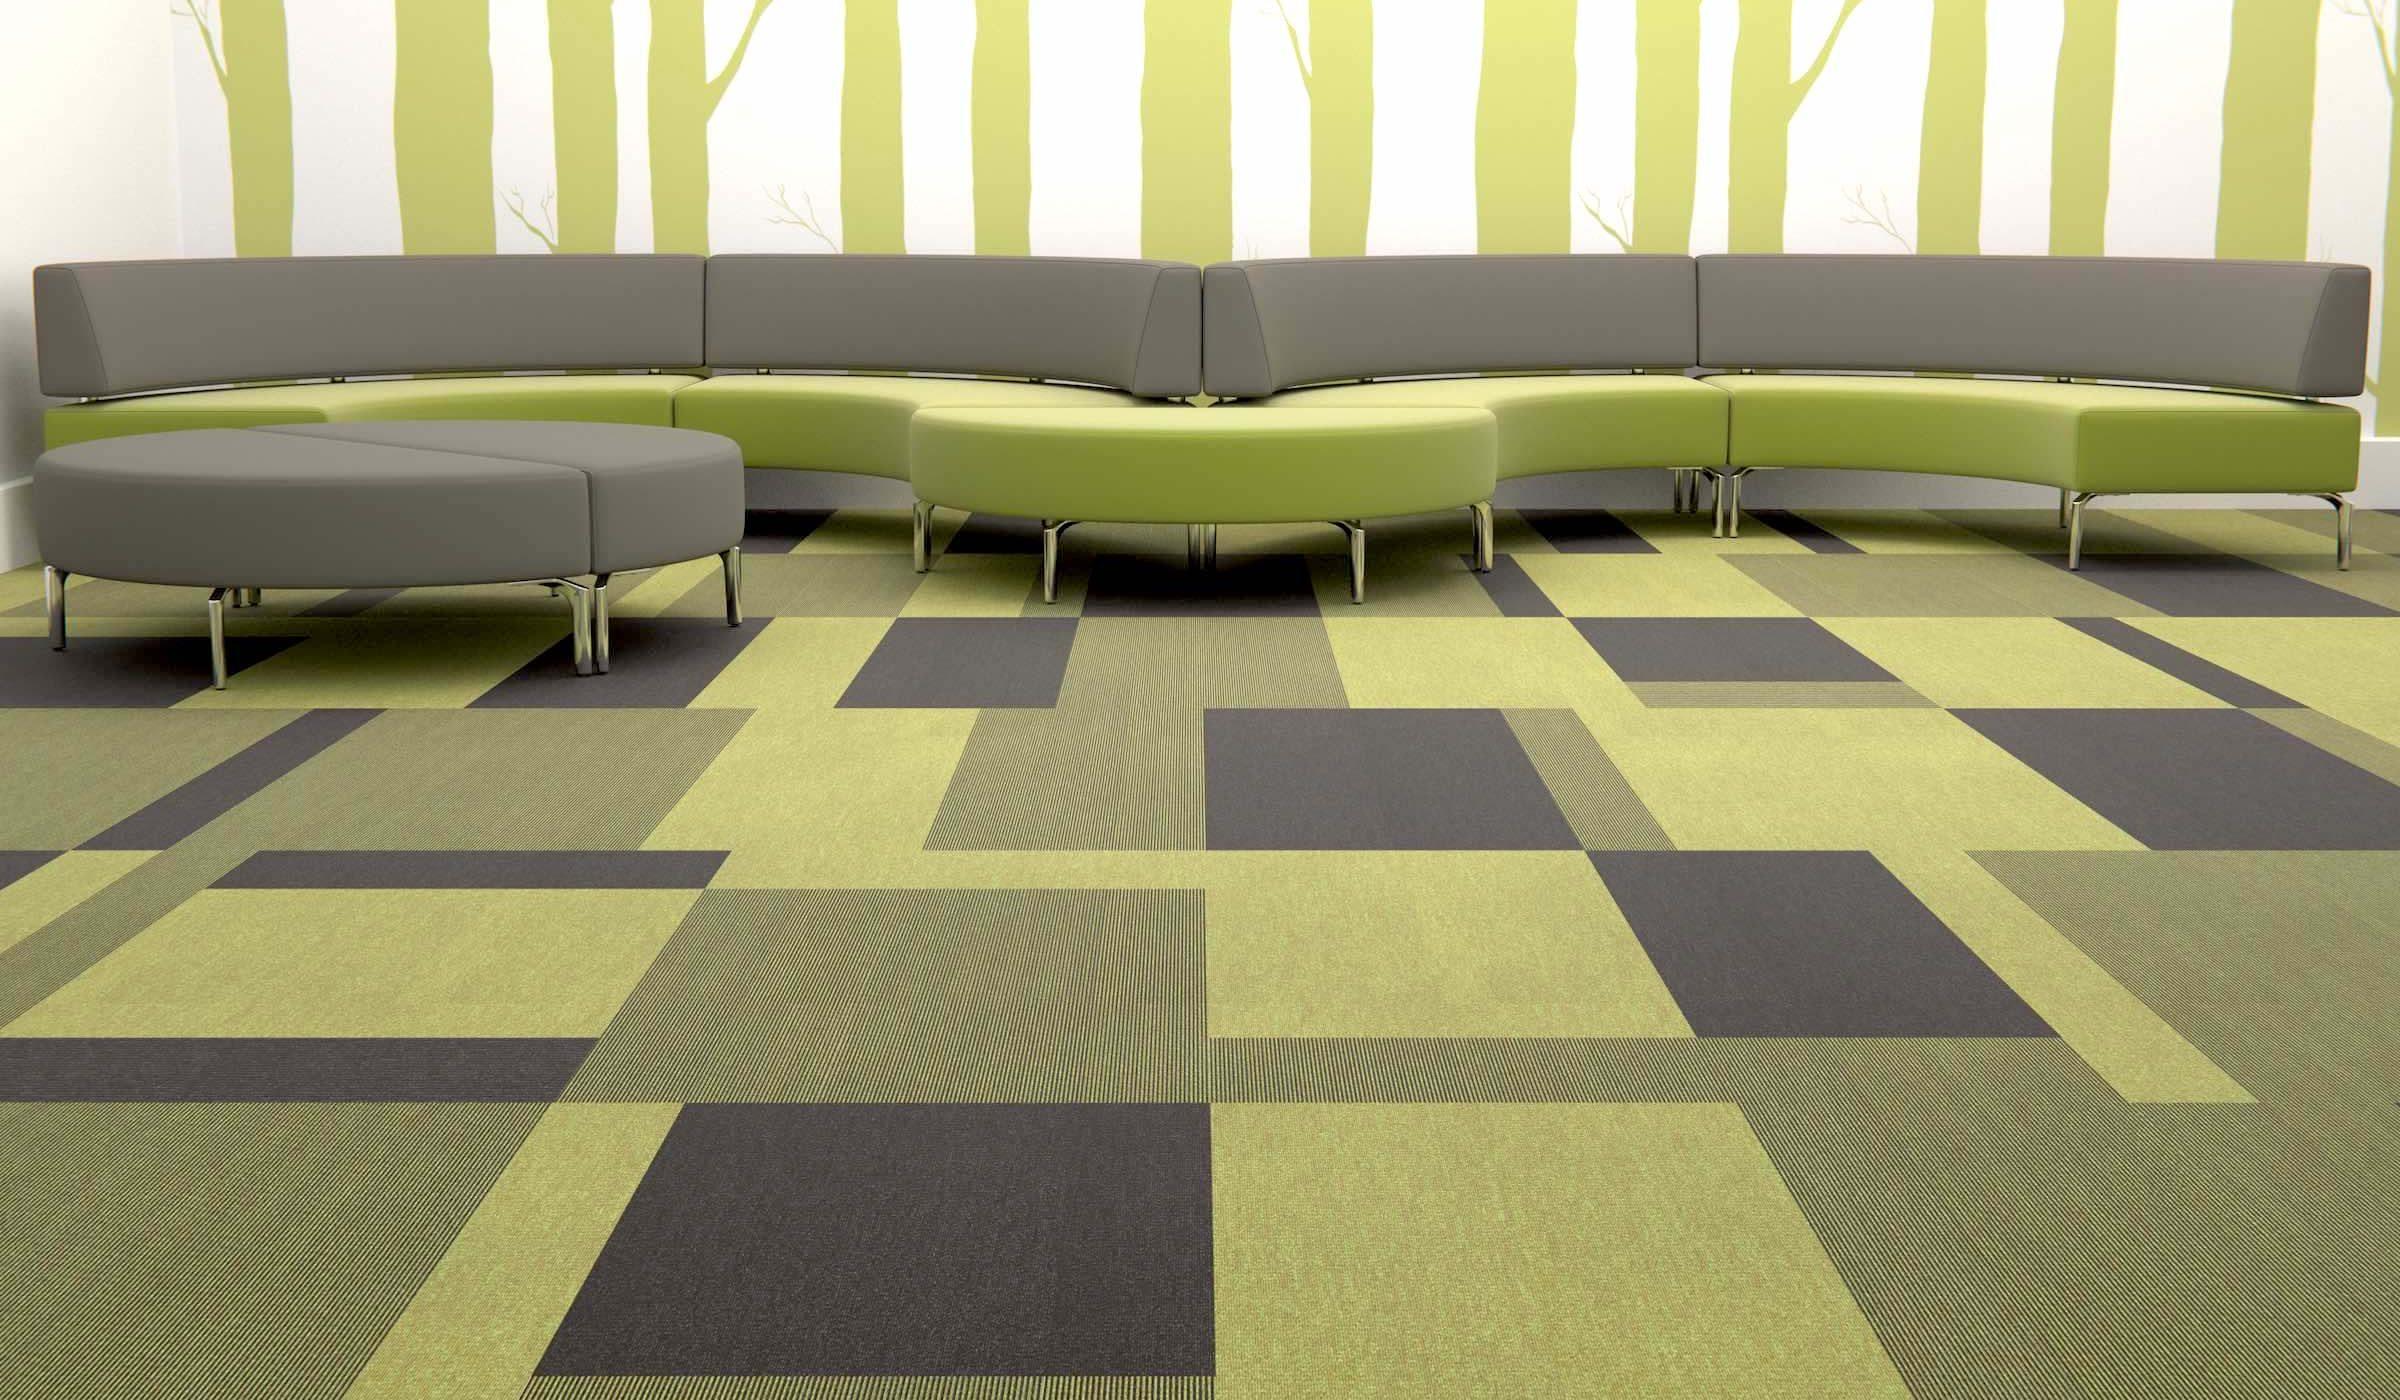 Total Contrast | Paragon Carpet Tiles | Commercial Carpet Tiles | Design Carpet Tiles 8